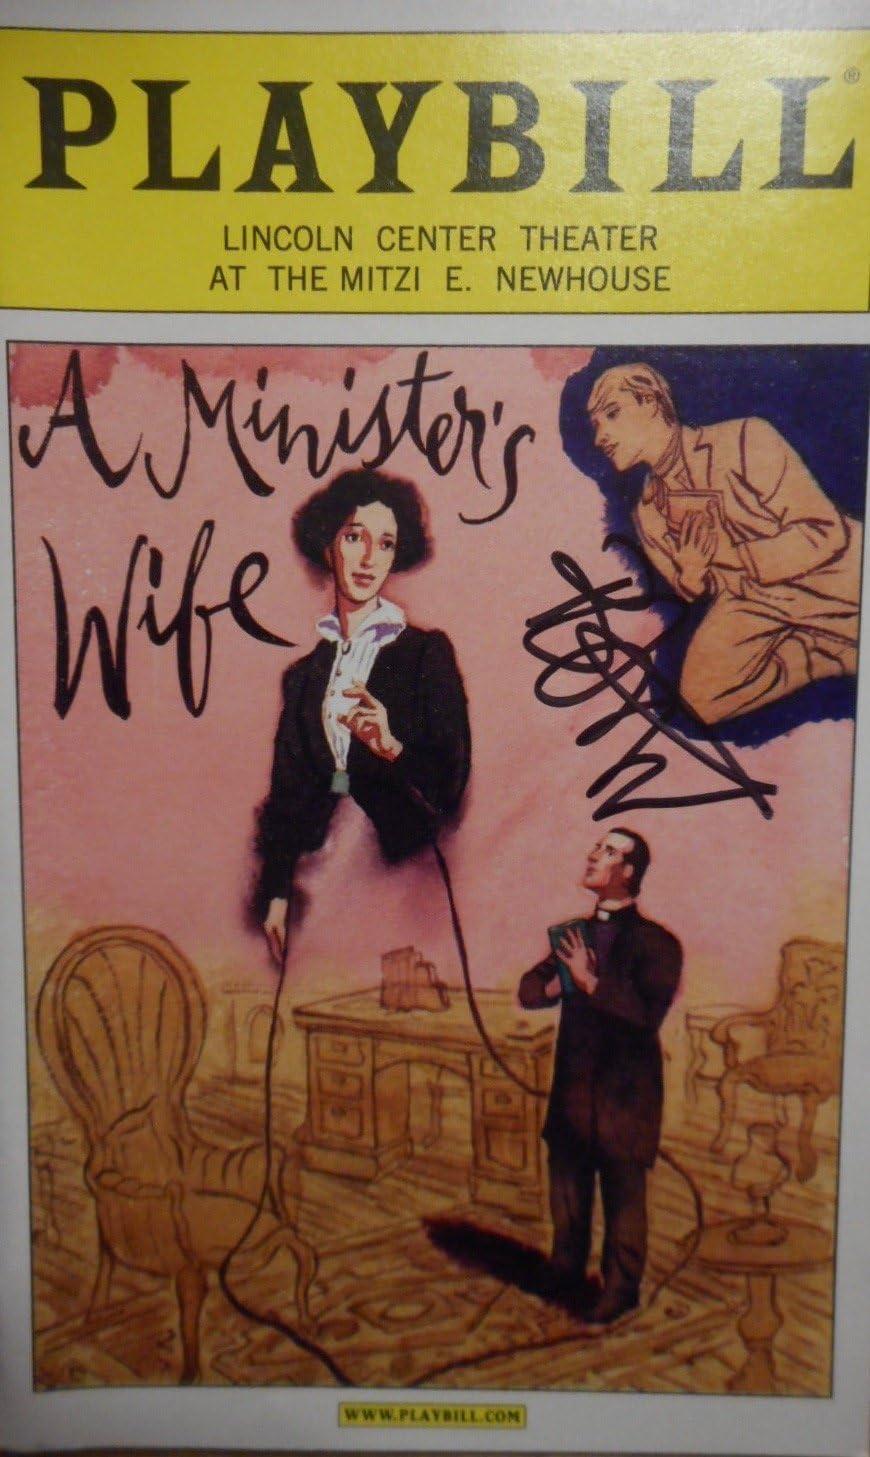 Signed Bobby Steggert Brand New Color Playbill from A Minister's Wife starring Bobby Steggert Marc Kudisch Kate Fry Drew Gehling Liz Baltes Music and Lyrics by Joshua Schmidt and Jan Tranen.